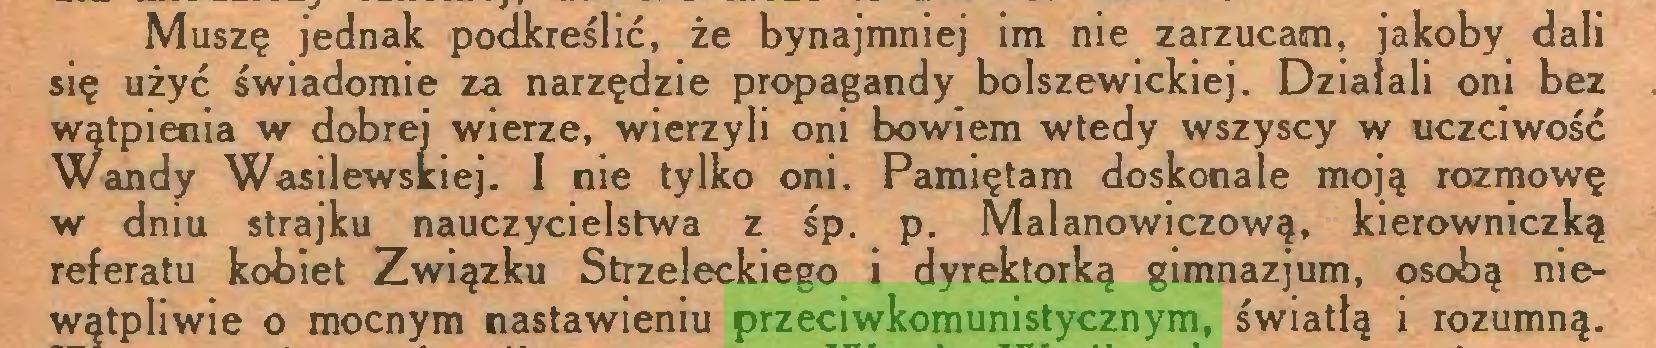 (...) Muszę jednak podkreślić, że bynajmniej im nie zarzucam, jakoby dali się użyć świadomie za narzędzie propagandy bolszewickiej. Działali oni bez wątpienia w dobrej wierze, wierzyli oni bowiem wtedy wszyscy w uczciwość Wandy Wasilewskiej. I nie tylko oni. Pamiętam doskonale moją rozmowę w dniu strajku nauczycielstwa z śp. p. Malanowiczową, kierowniczką referatu kobiet Związku Strzeleckiego i dyrektorką gimnazjum, osobą niewątpliwie o mocnym nastawieniu przeciwkomunistycznym, światłą i rozumną...